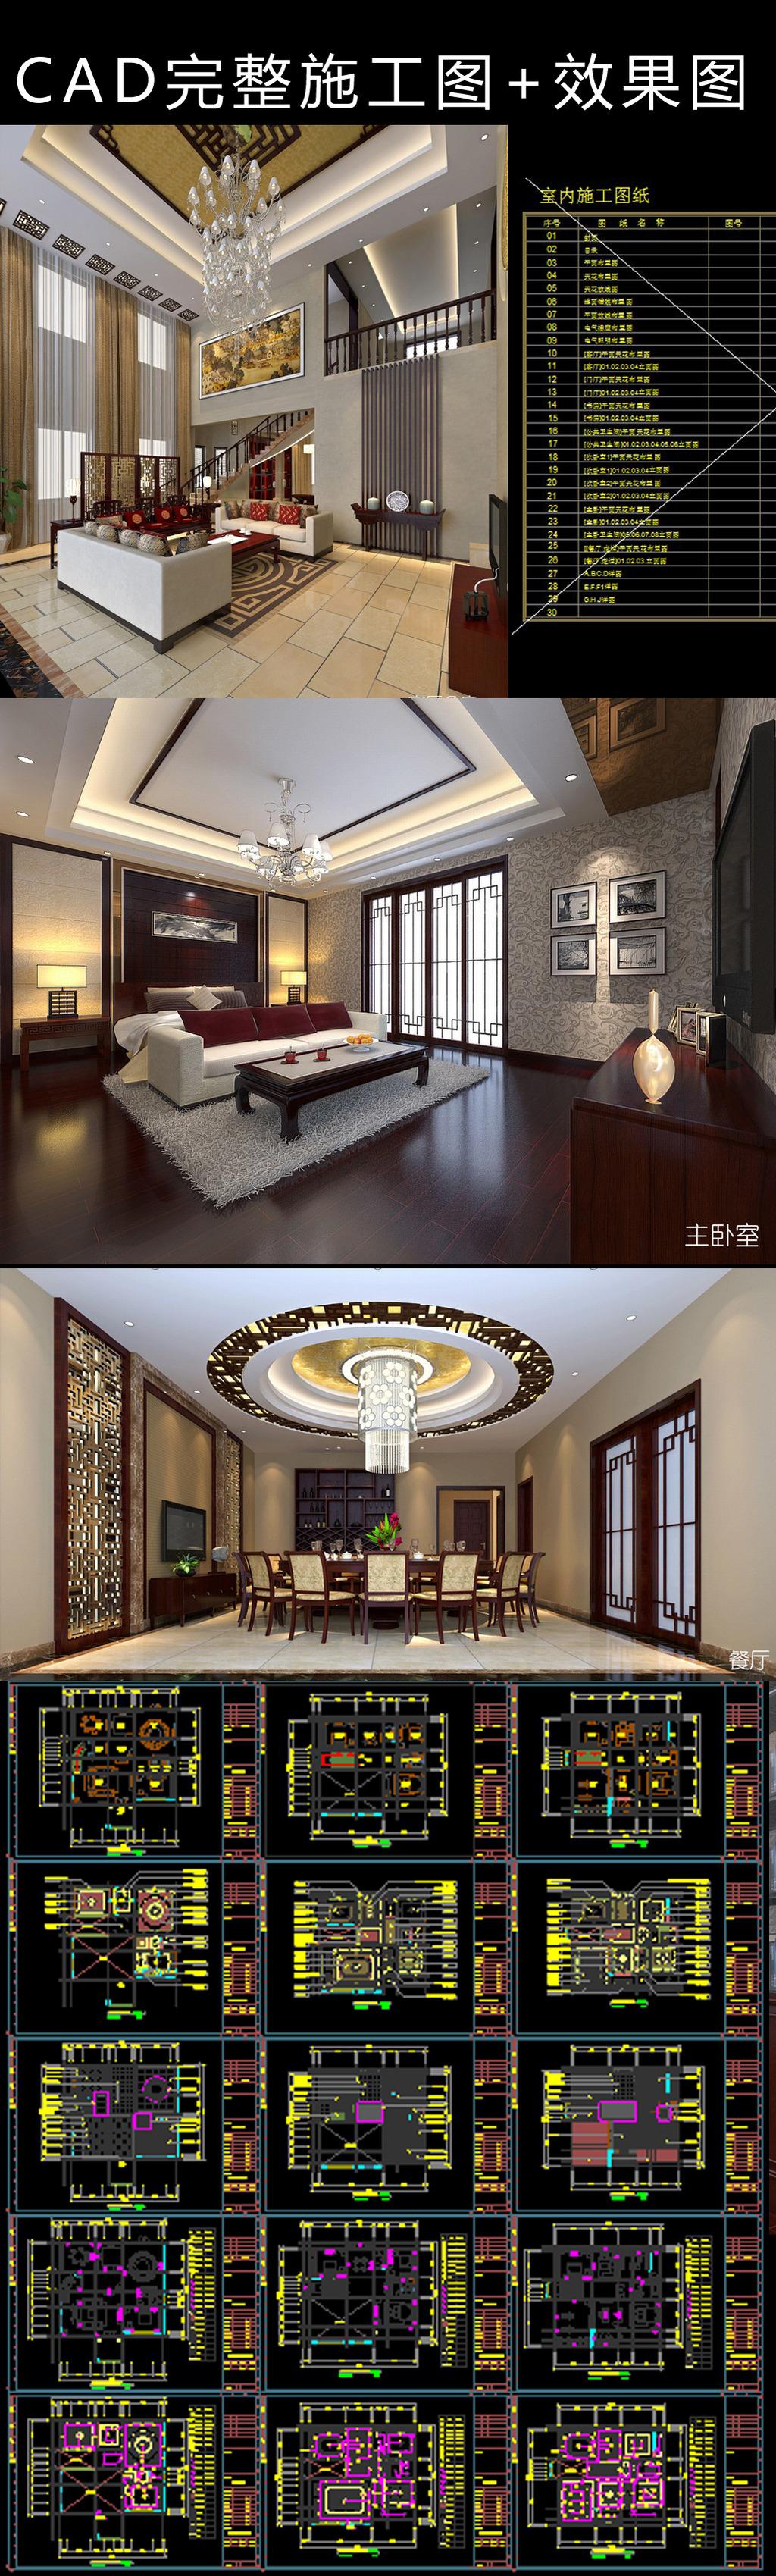 一套中式别墅套房cad完整施工图和效果图